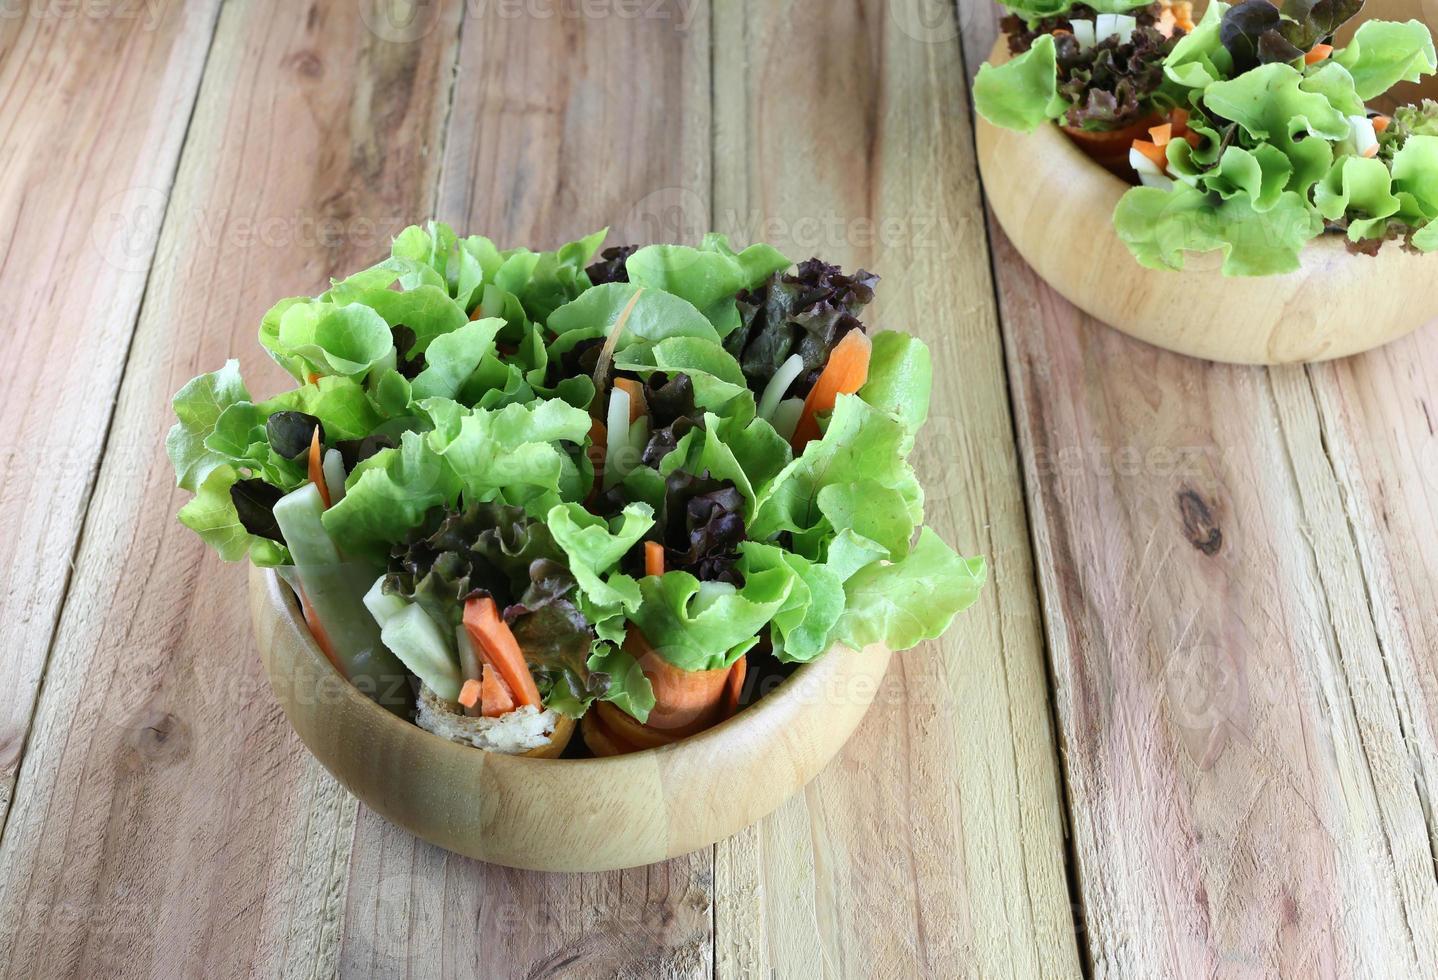 insalata di verdure in ciotola di legno. foto